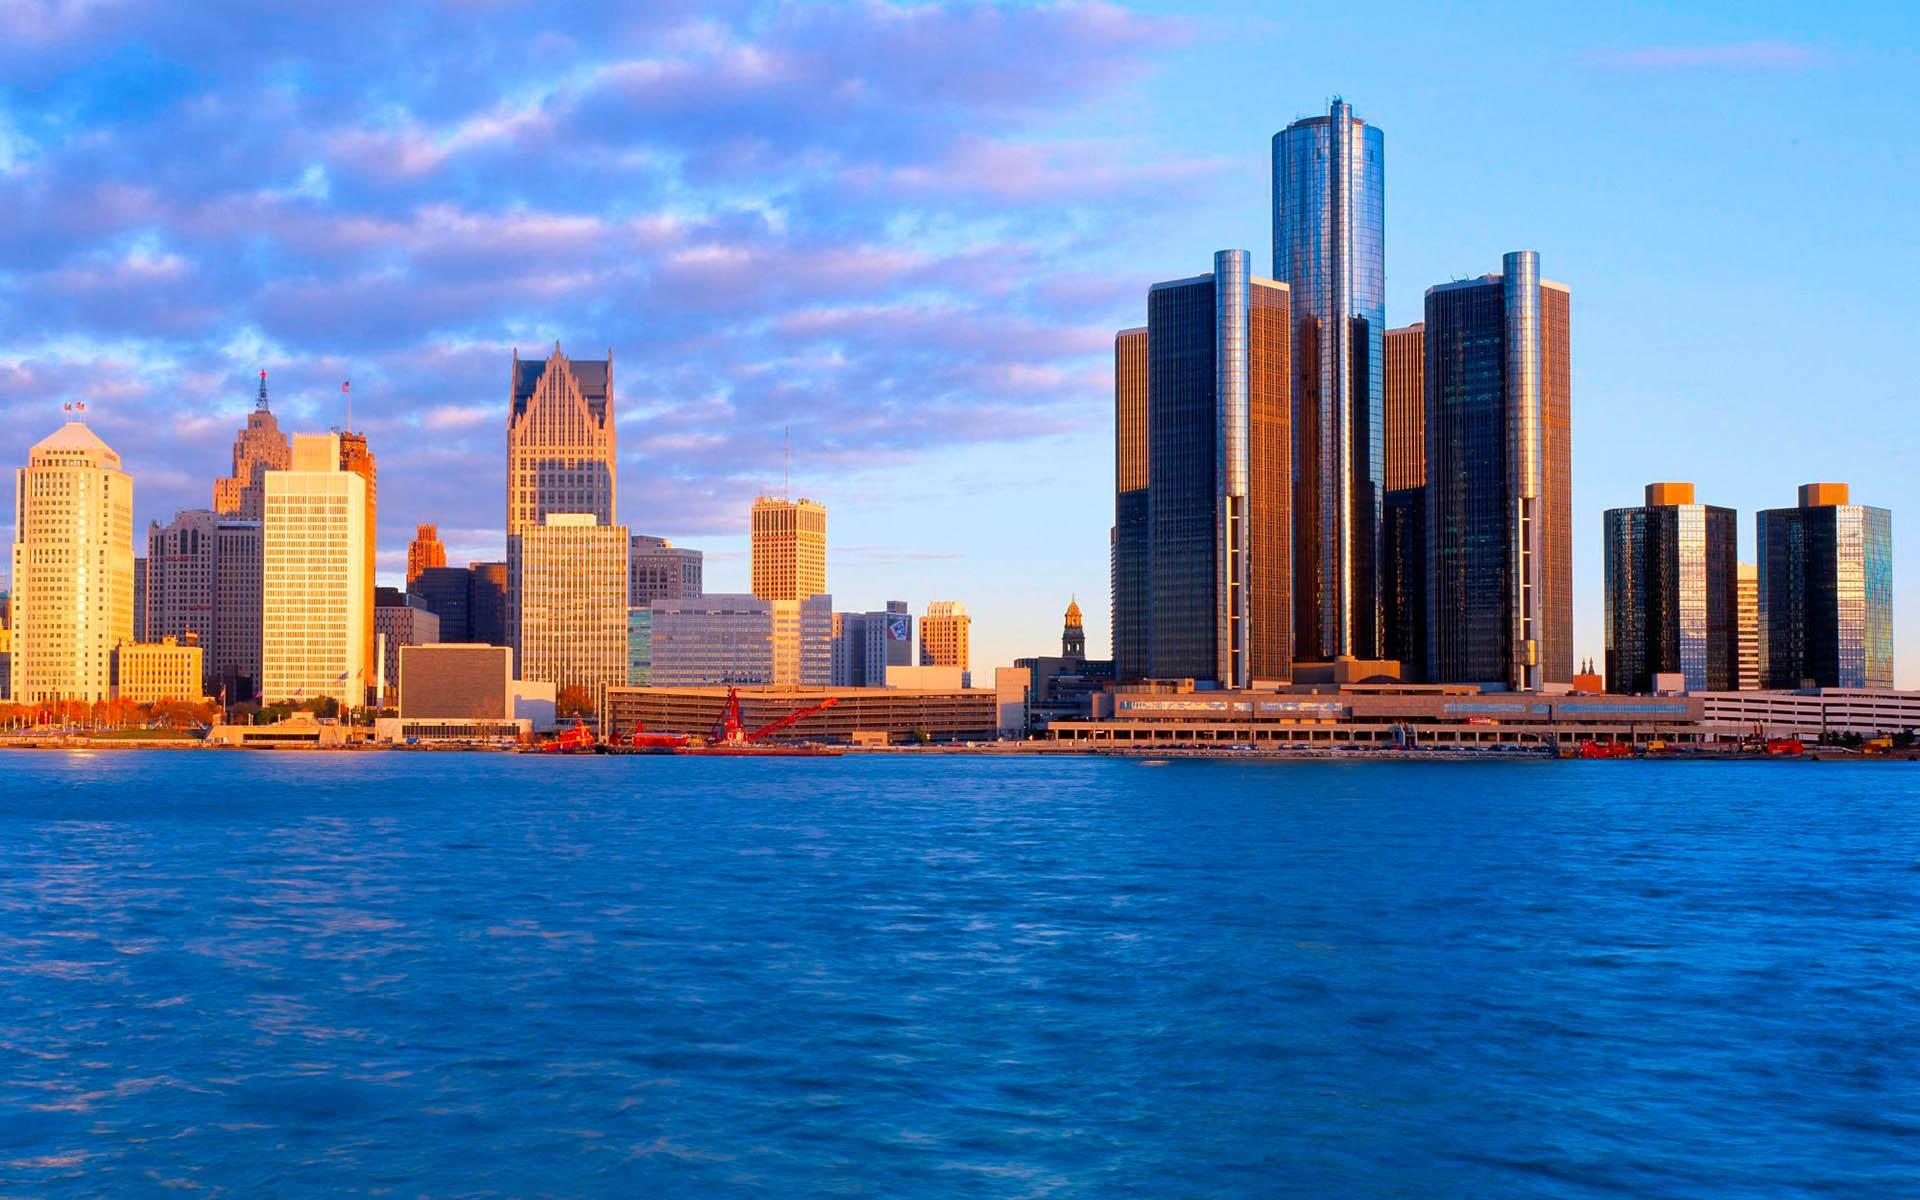 Detroit Wallpaper 5408 1920x1200px 1920x1200